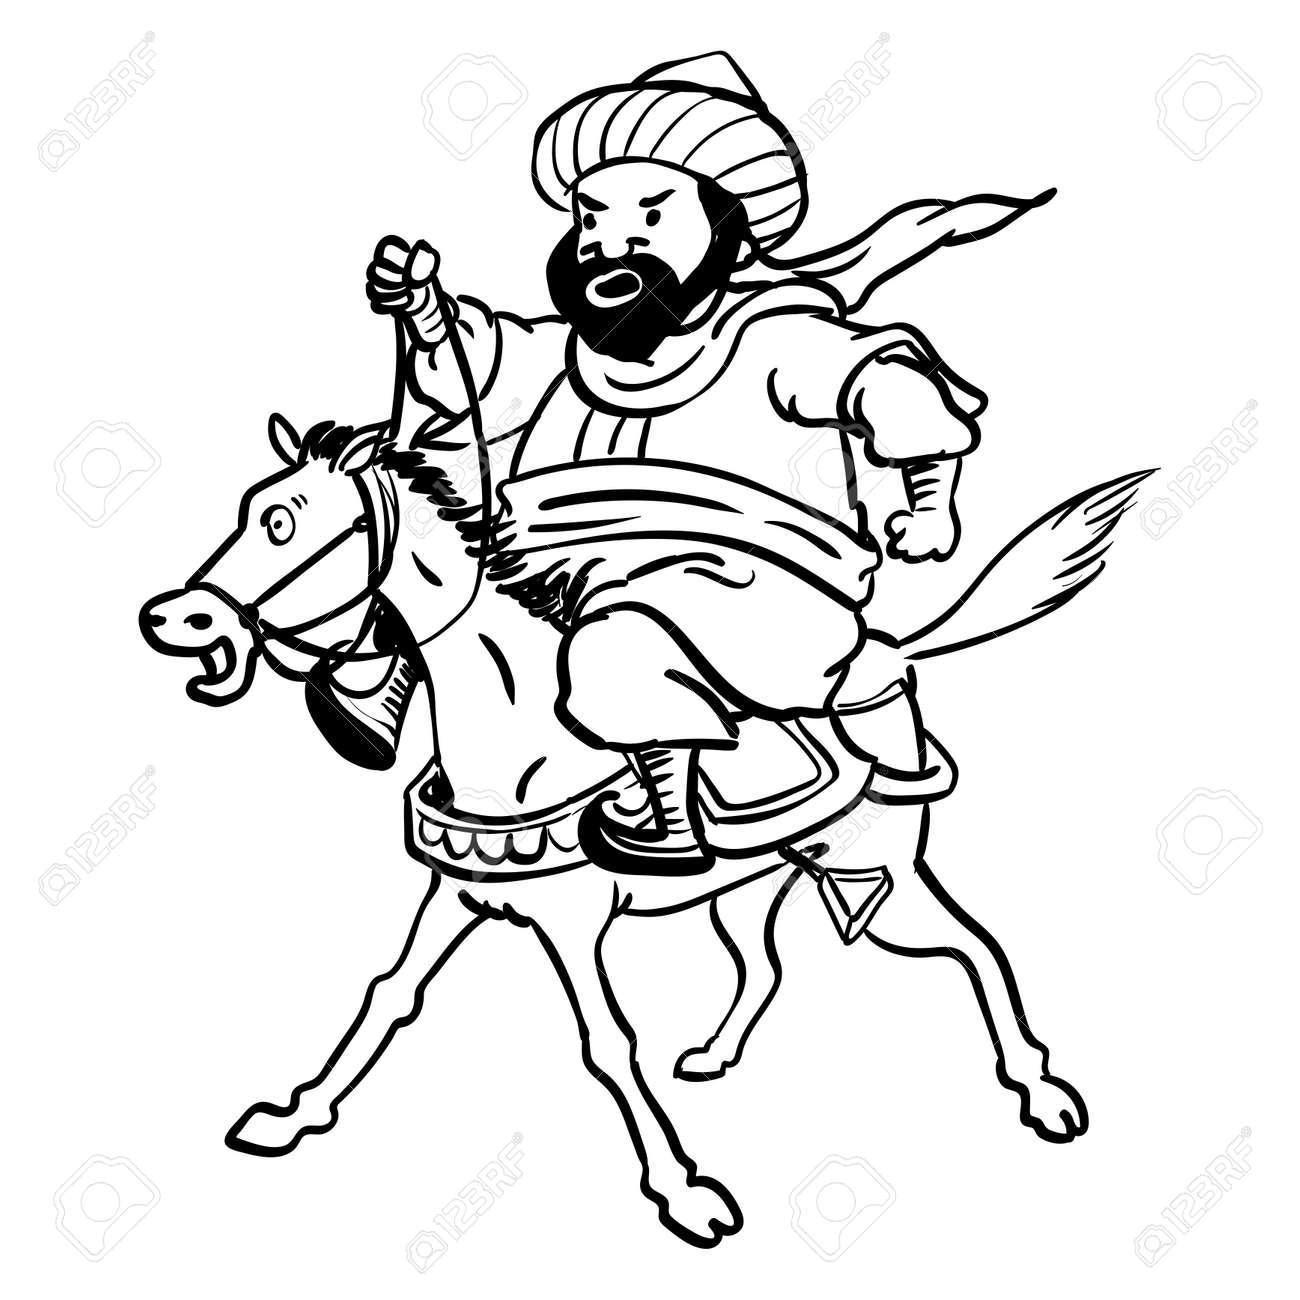 Hombre Gordo árabe De Dibujos Animados Montando Un Caballo Cansado Para Colorear Dibujado A Mano Ilustración Vectorial